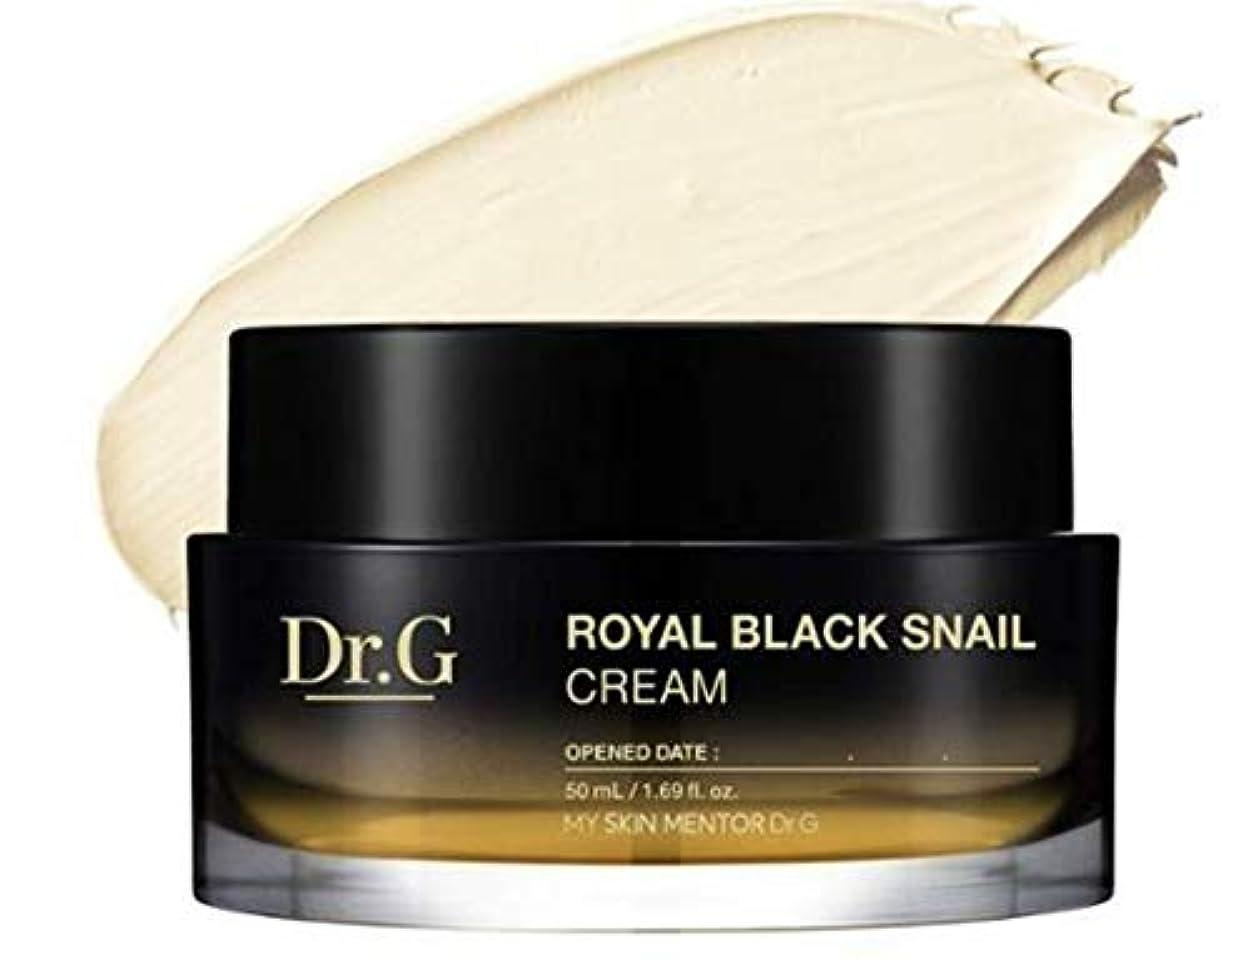 アーティキュレーション中絶利益ドクタージー ロイヤル ブラックスネイルクリーム 50ml / DR.G ROYAL BLACK SNAIL CREAM